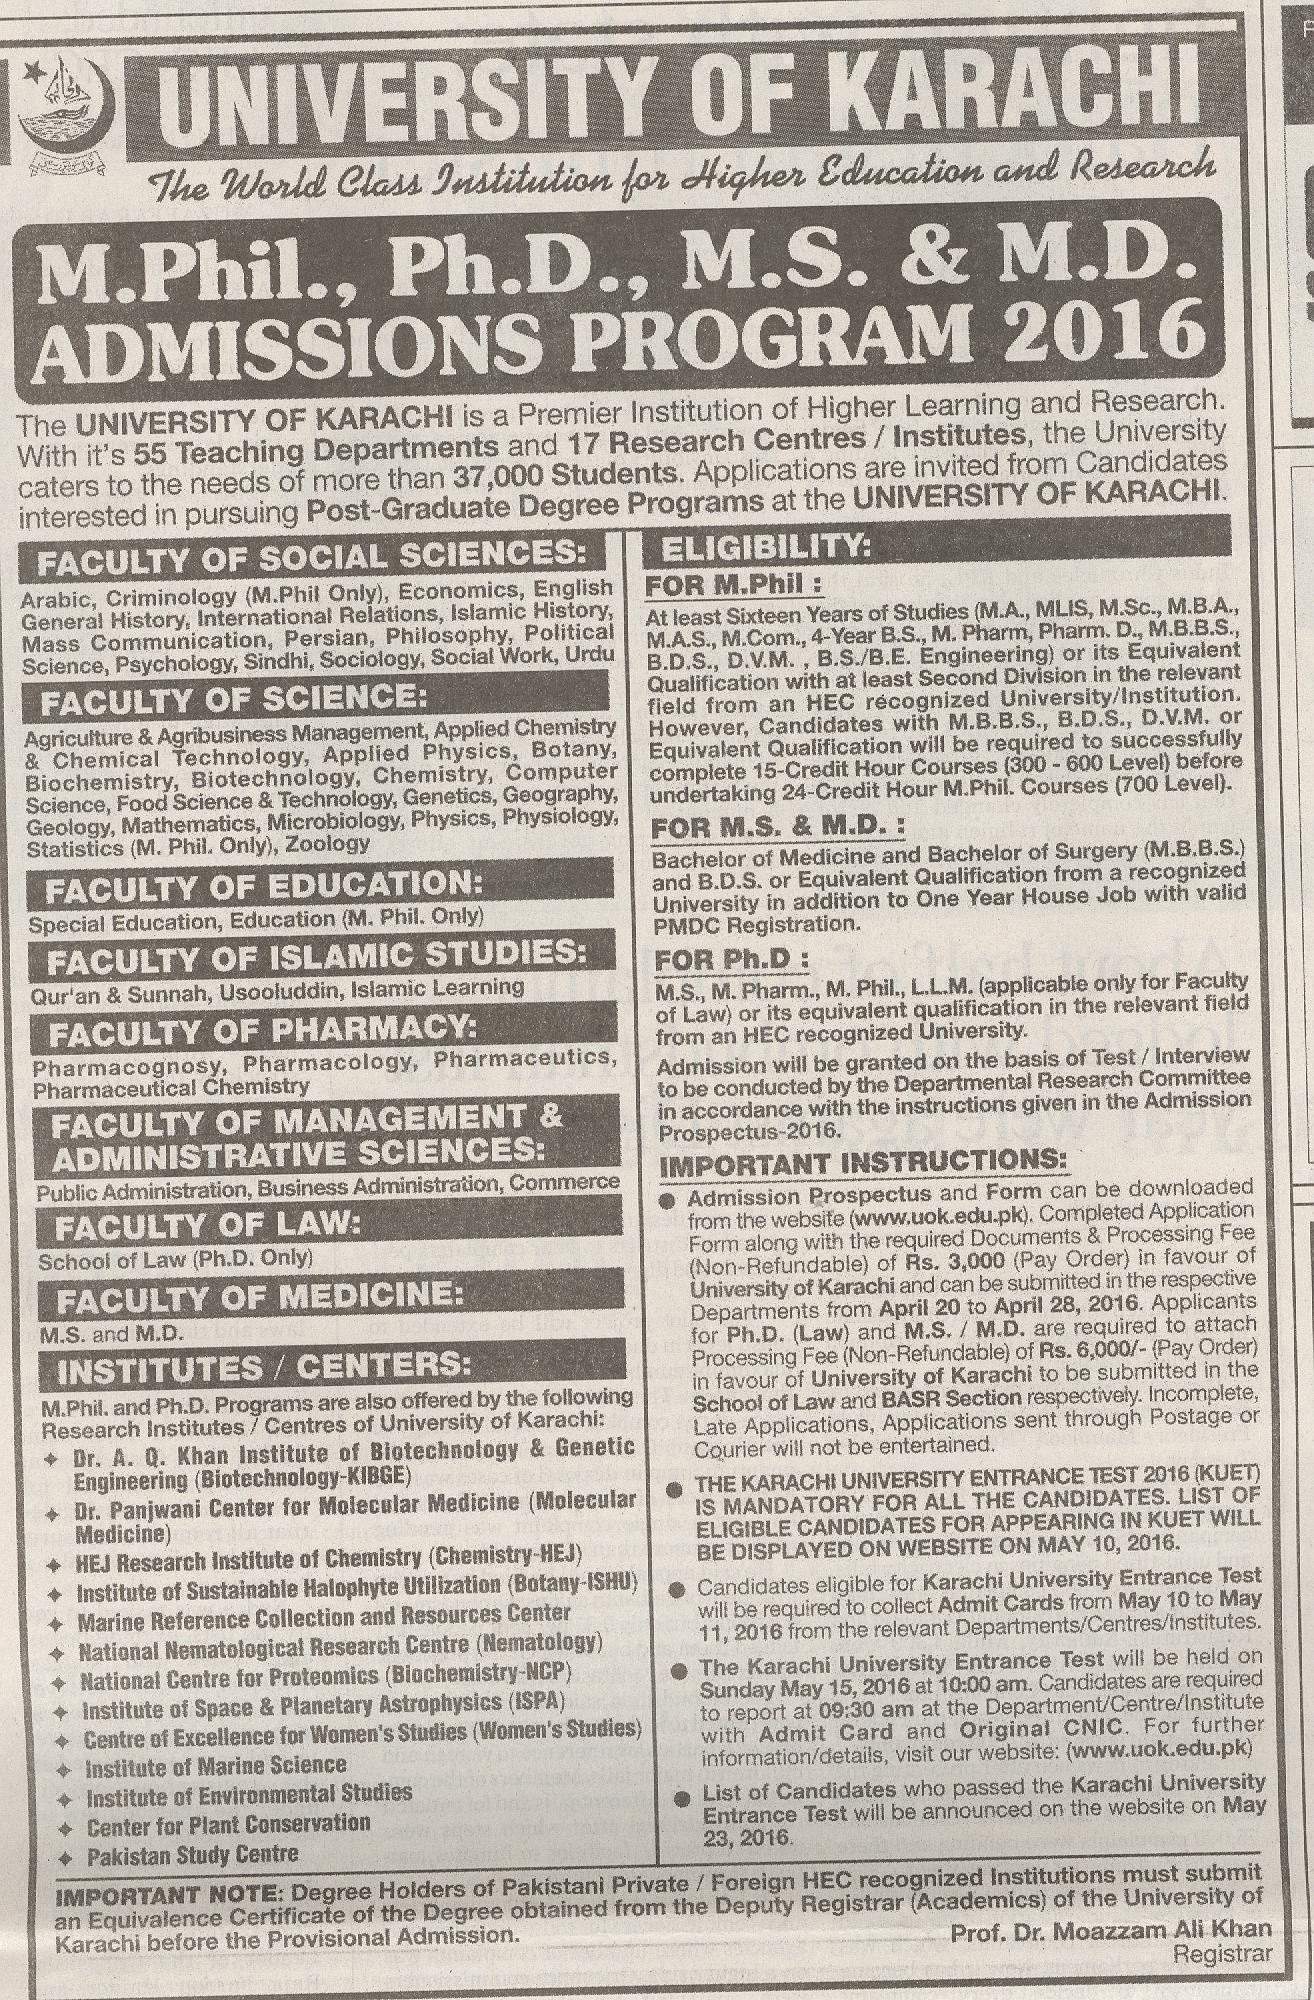 University of Karachi Admission 2016